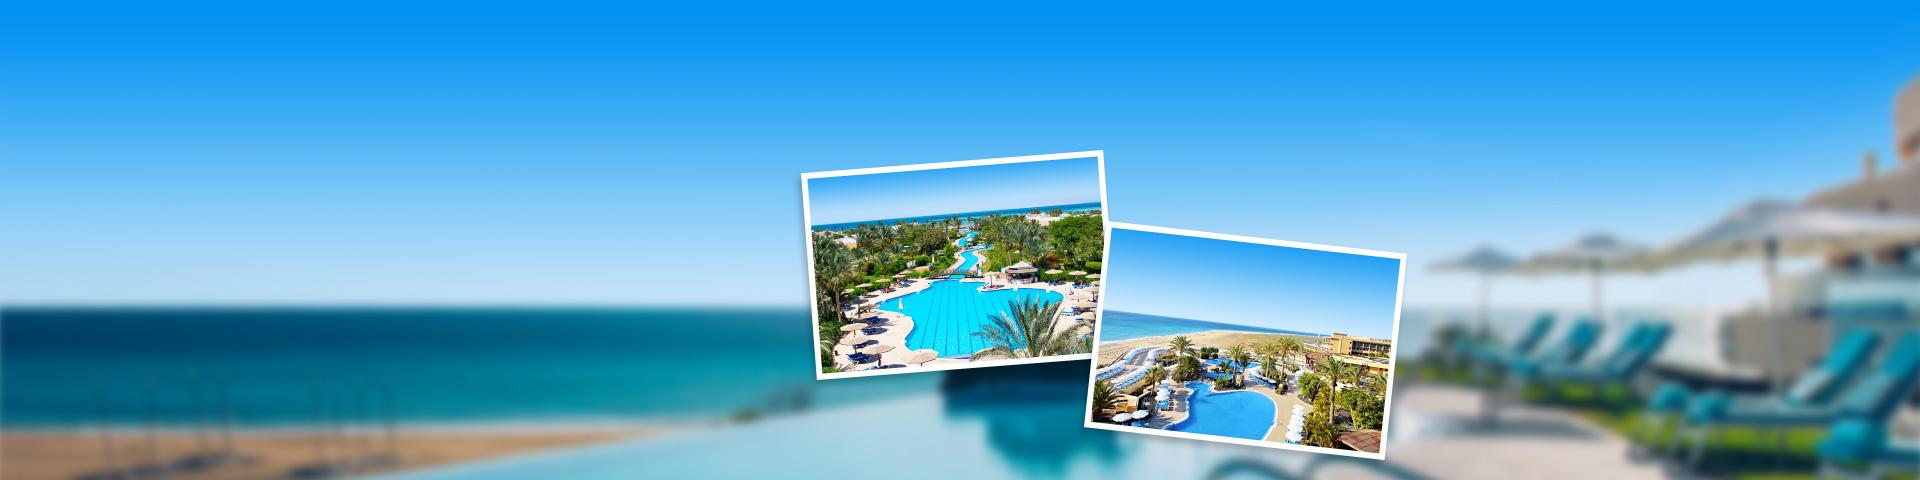 Hotels van touroperator FTI met grote zwembaden